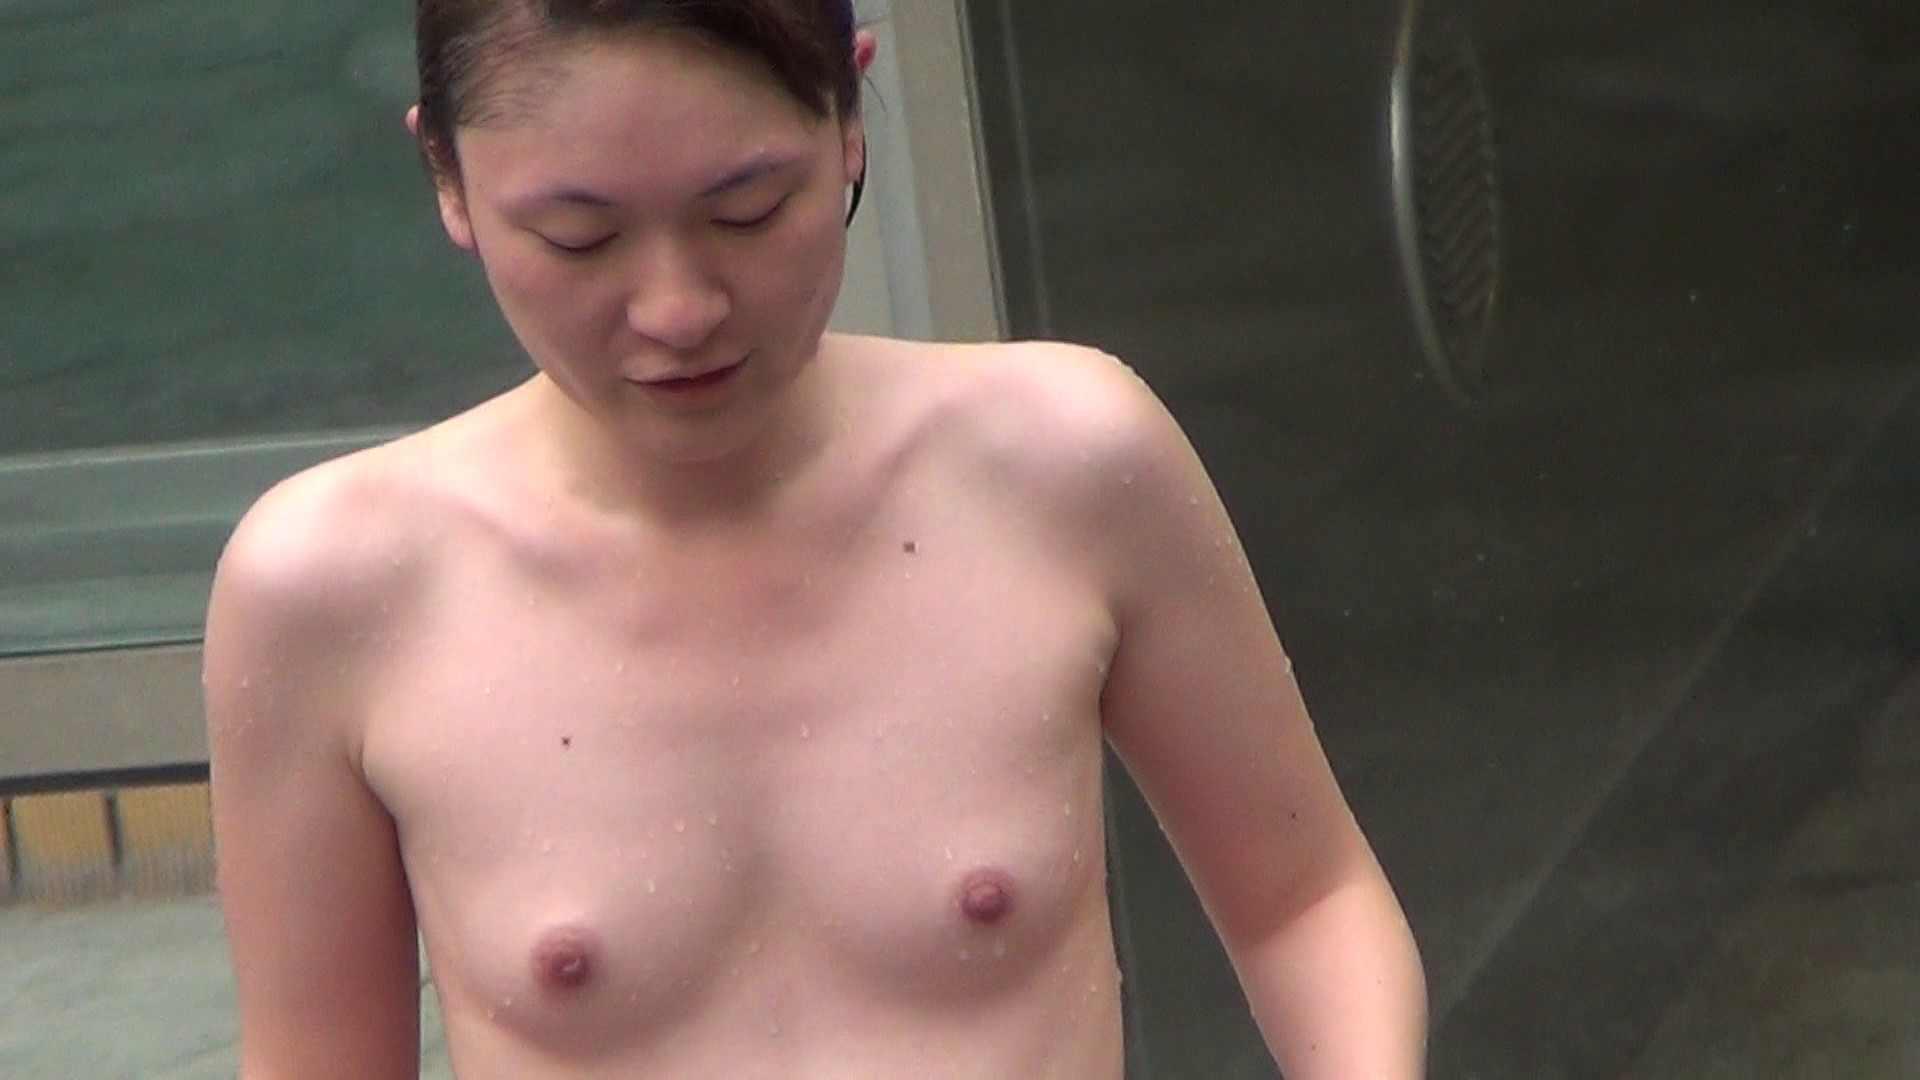 おまんこ ハイビジョンVol.11 美女盛り合わせ No.5 怪盗ジョーカー